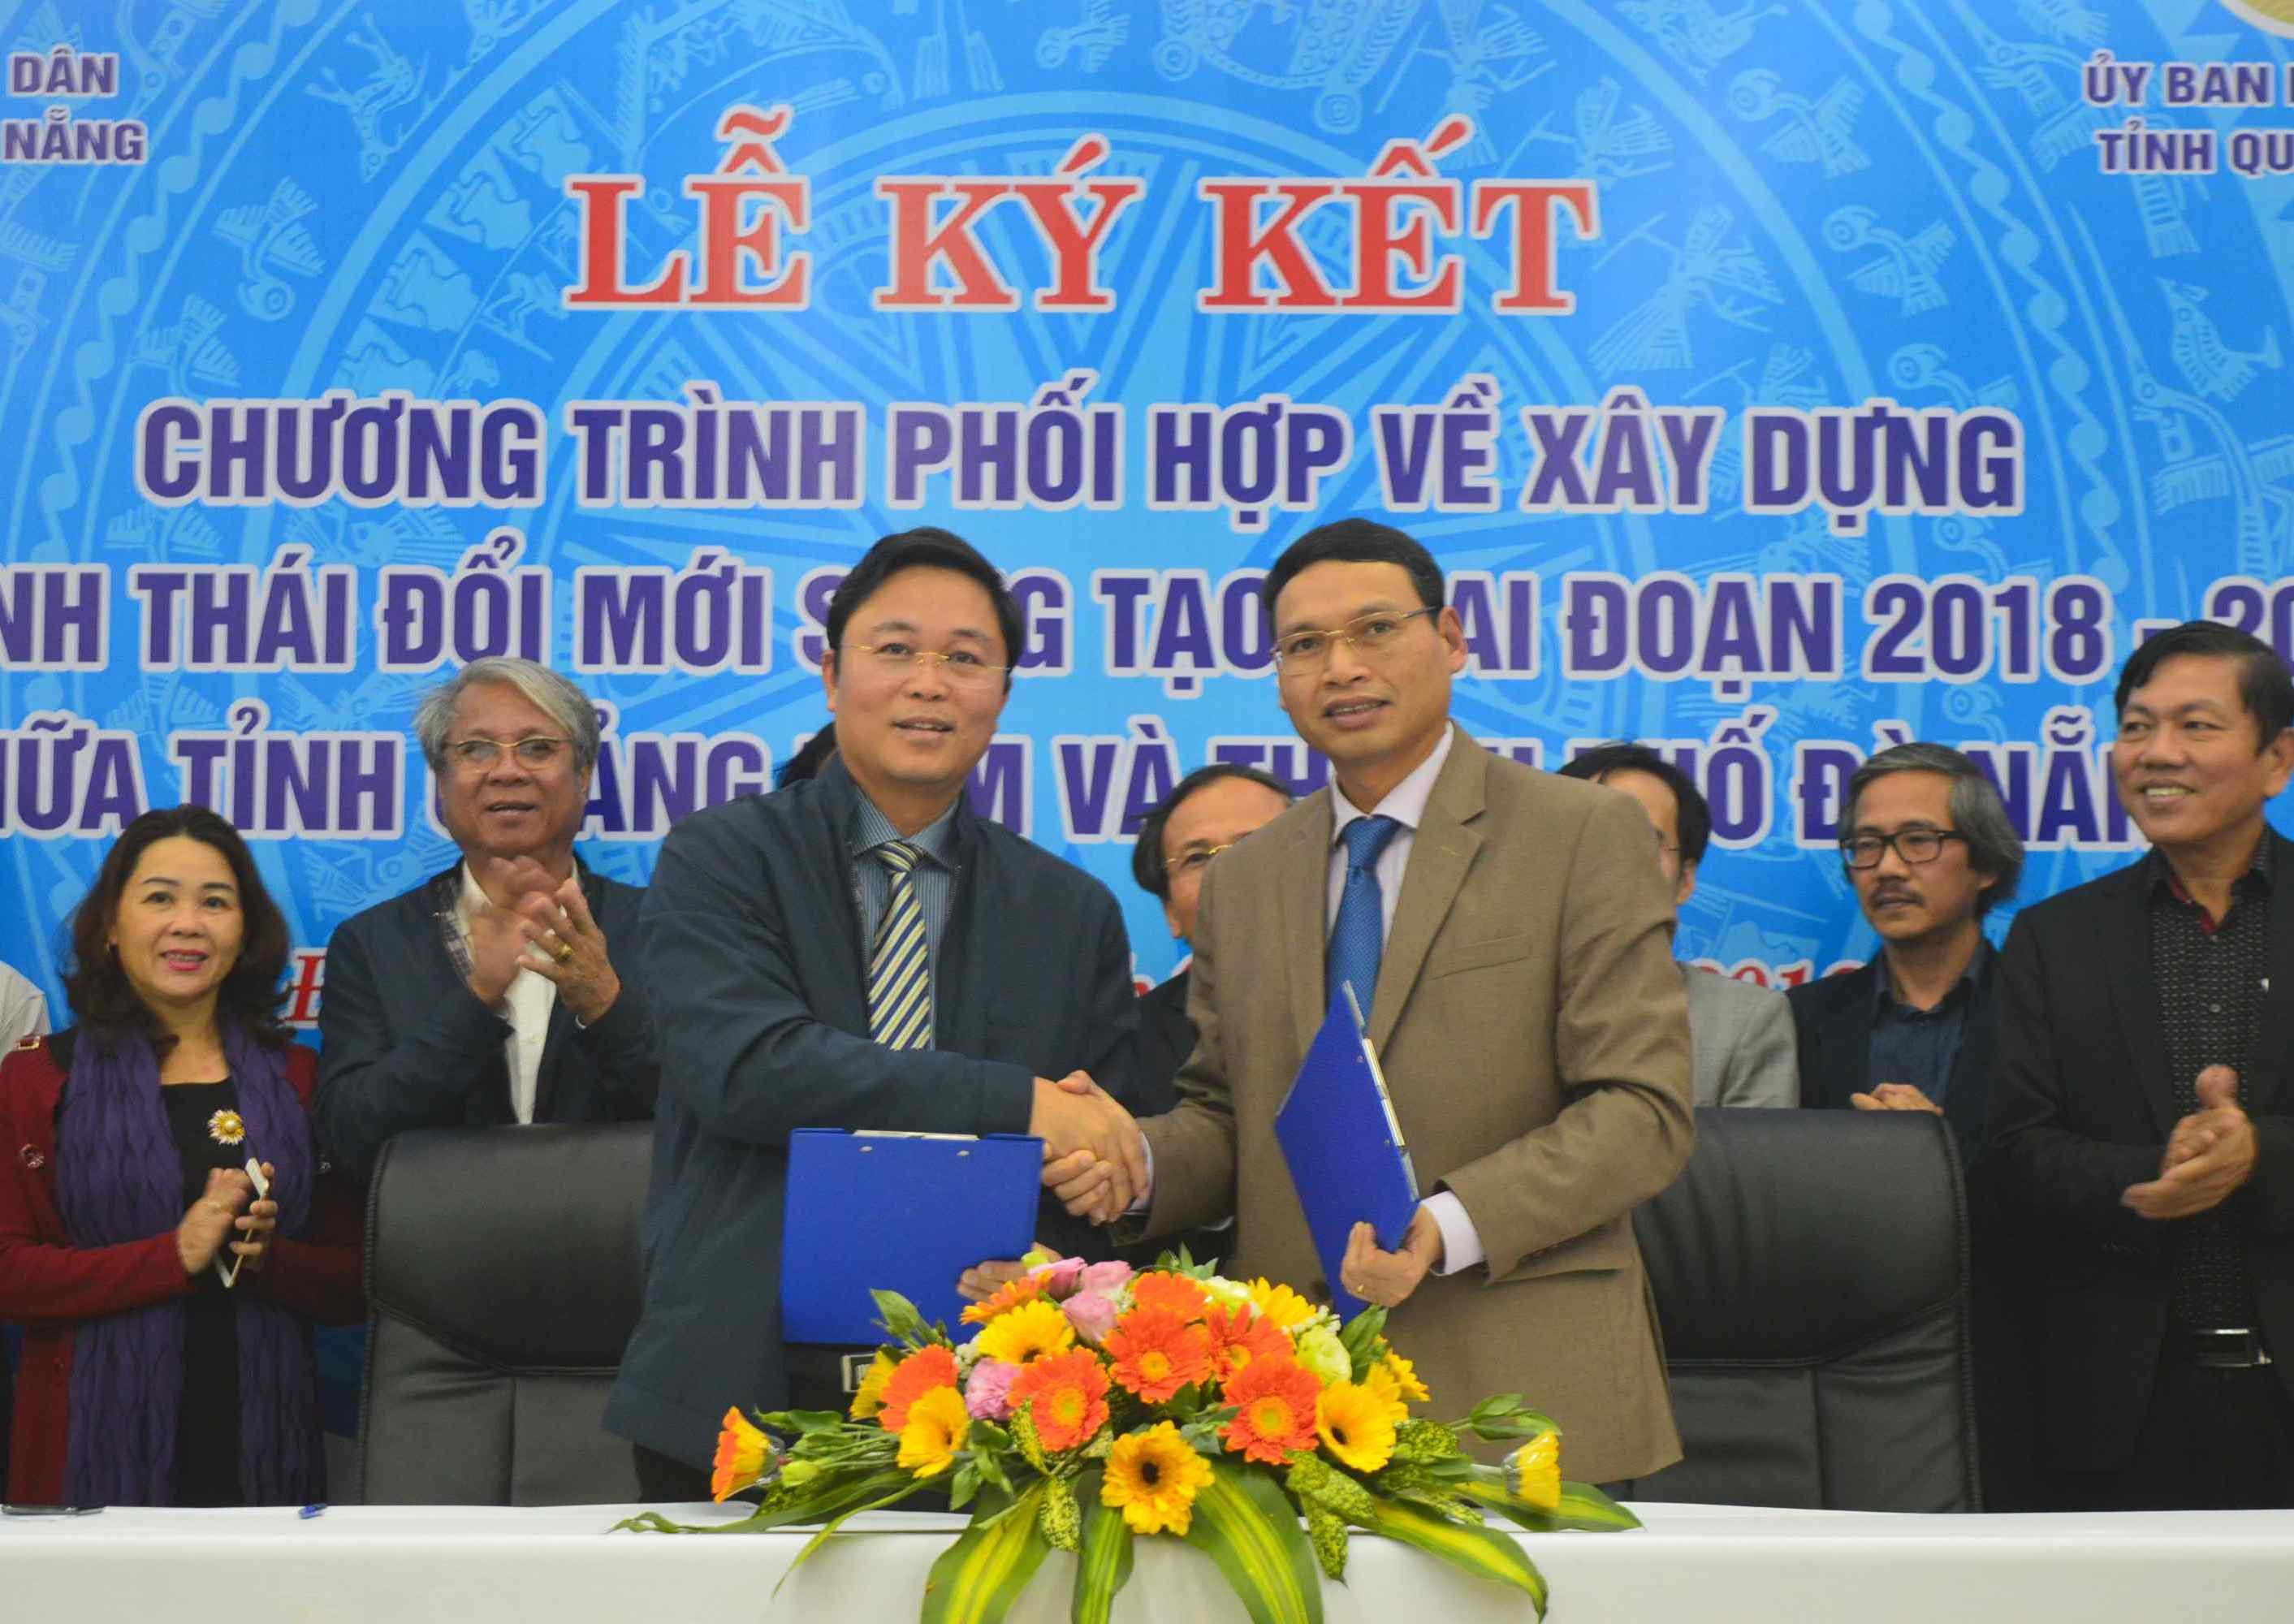 Lãnh đạo Quảng Nam và Đà Nẵng thực hiện nghi thức ký kết. Ảnh: Q.T